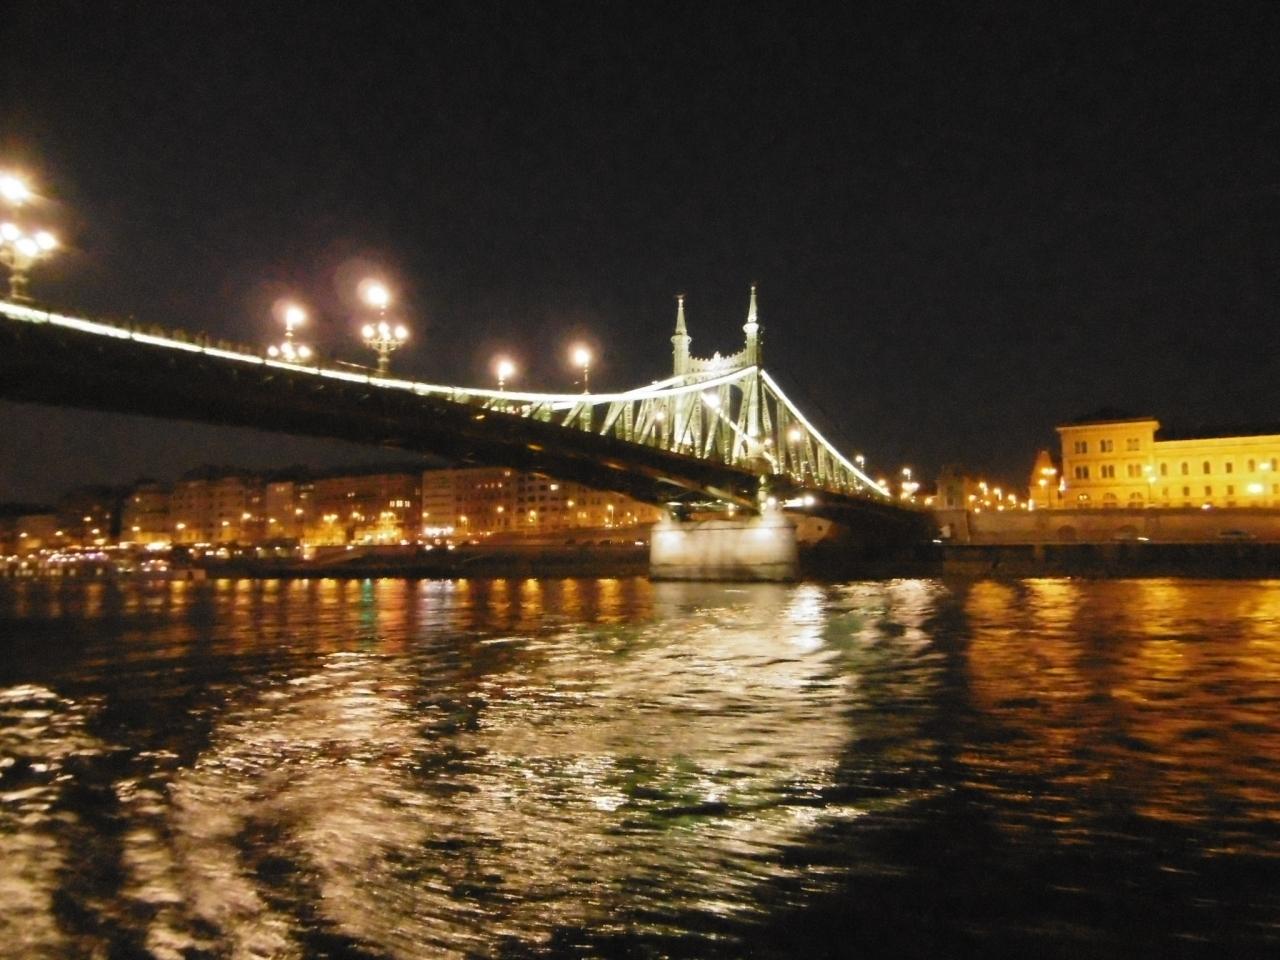 ブダペストのドナウ河岸とブダ城地区およびアンドラーシ通りの画像 p1_18